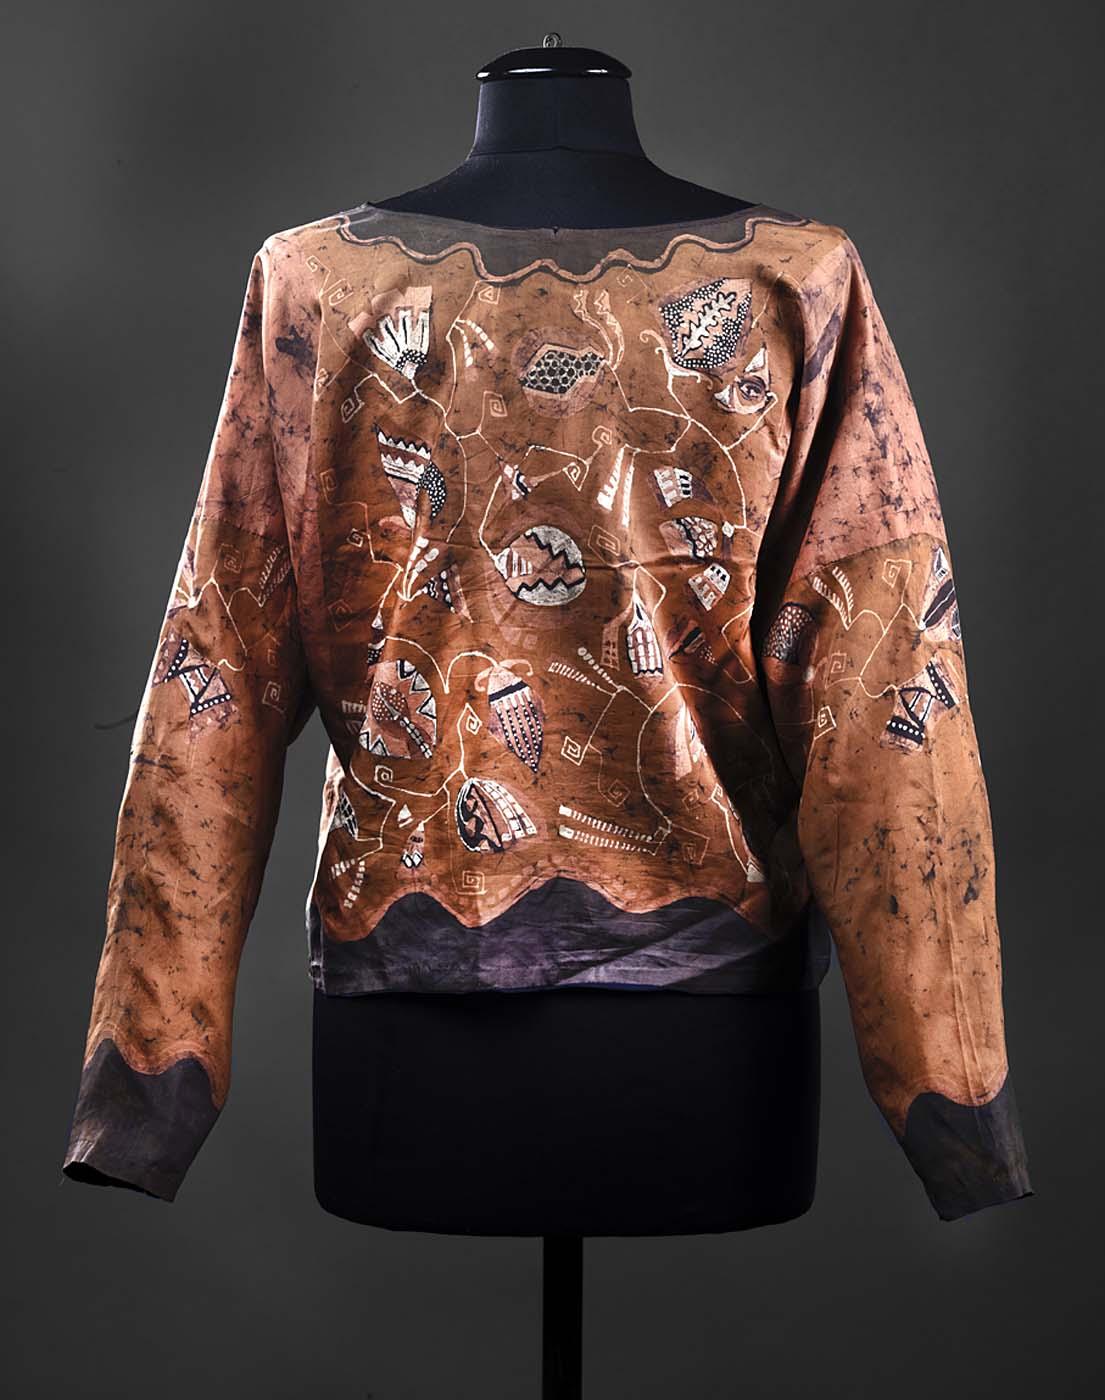 Маргарет Томпсон Зорач Шелковая блуза, украшенная вышивкой.